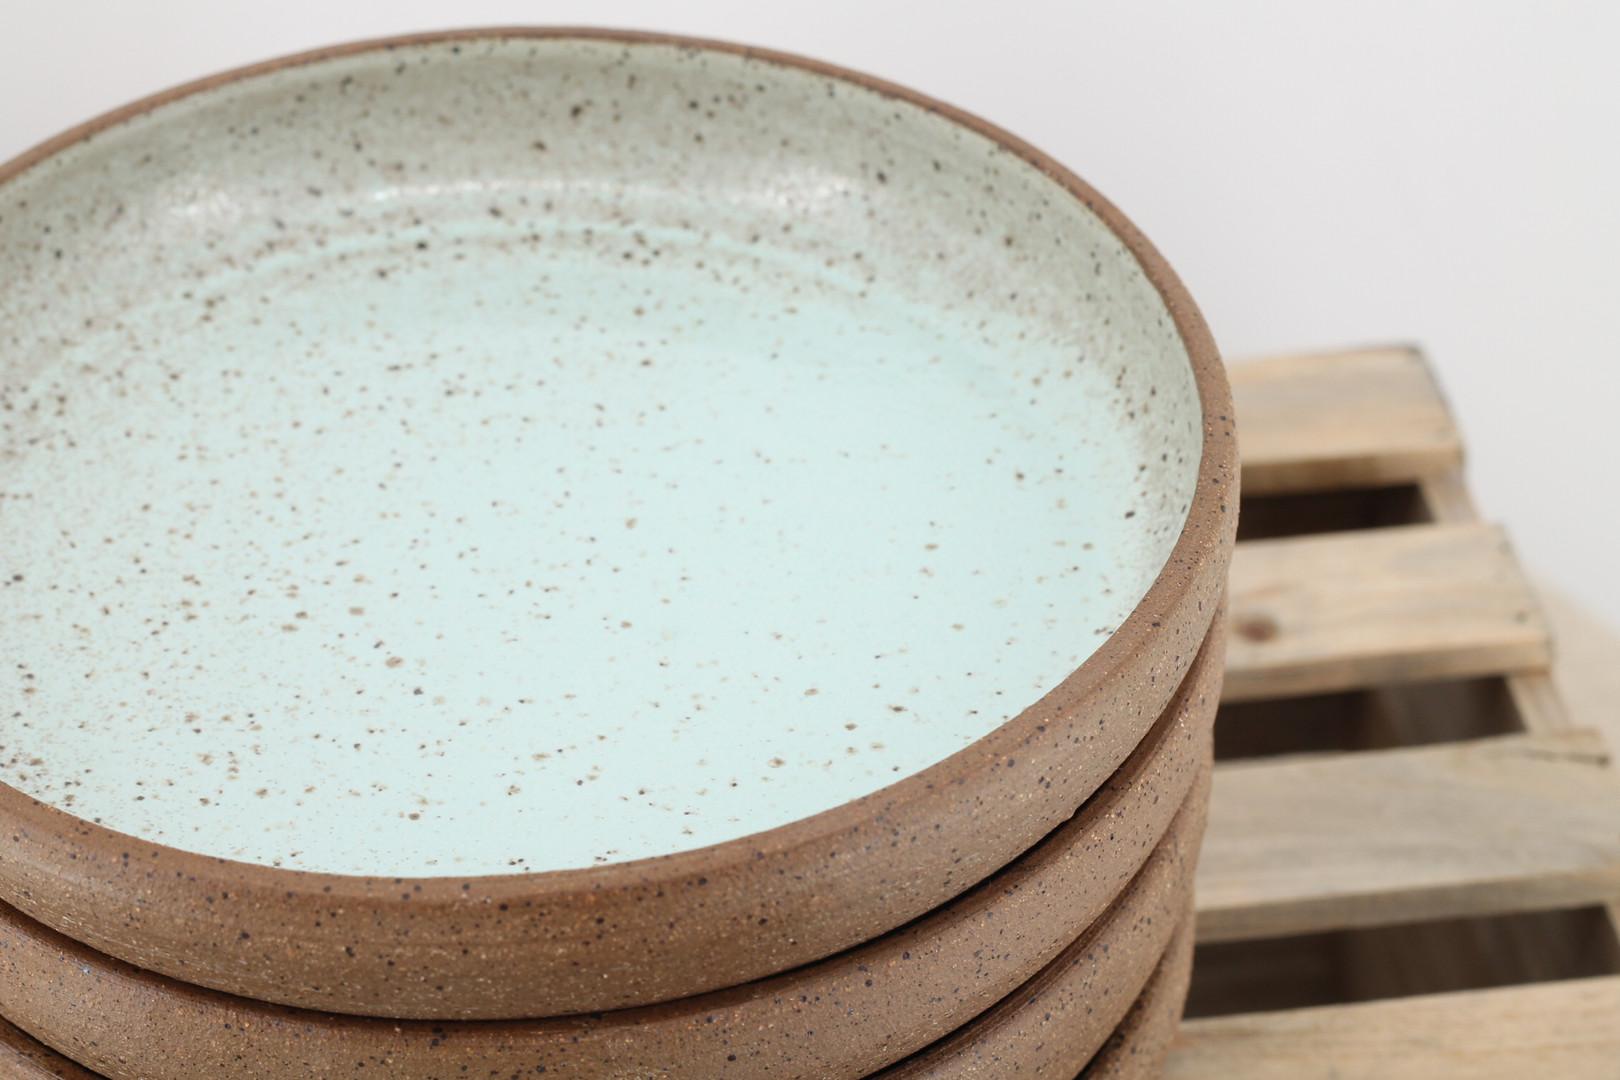 Seafoam and Stone Plates